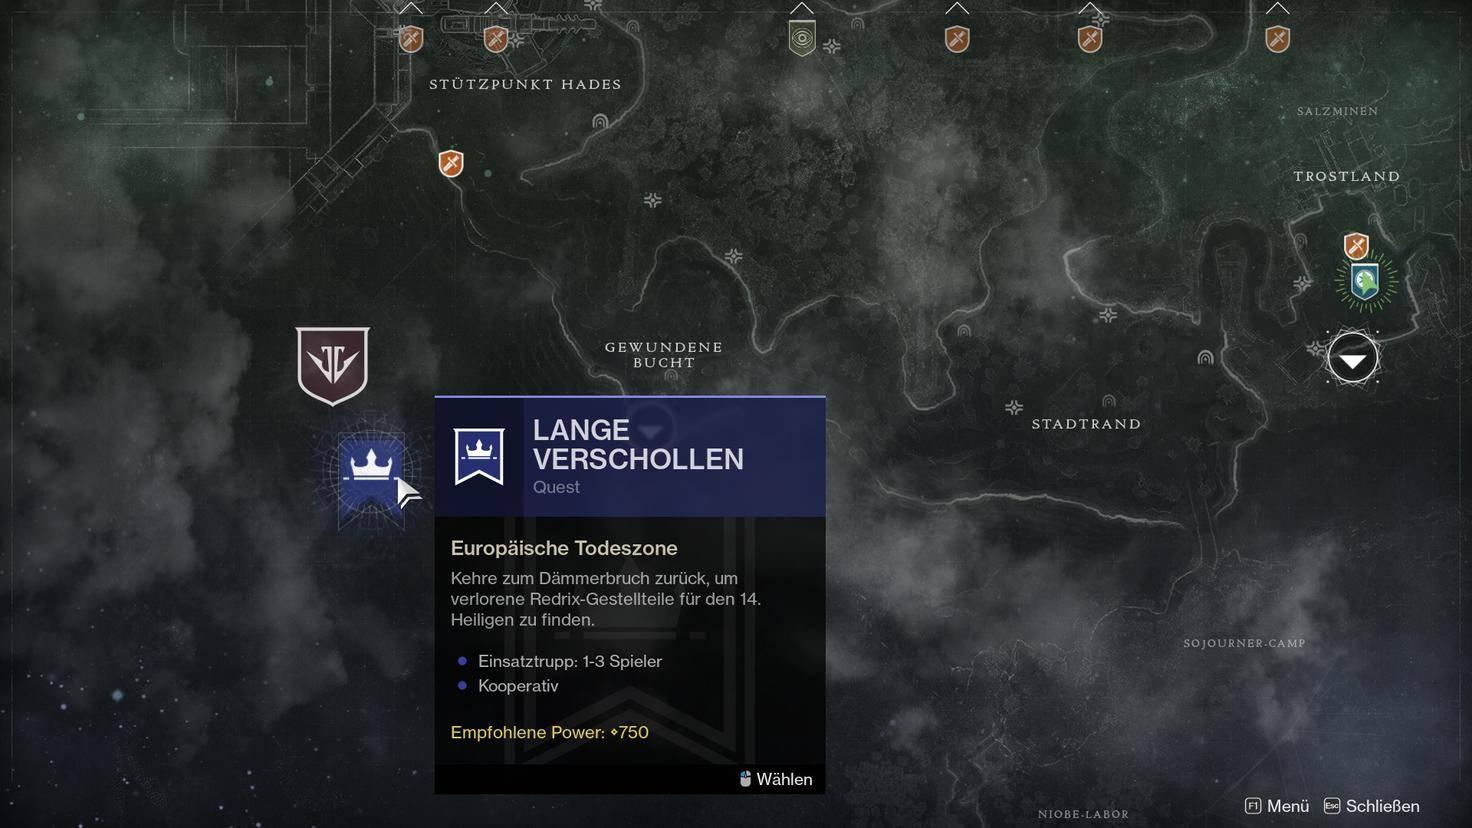 destiny-2-lange-verschollen-daemmerbruch-quest